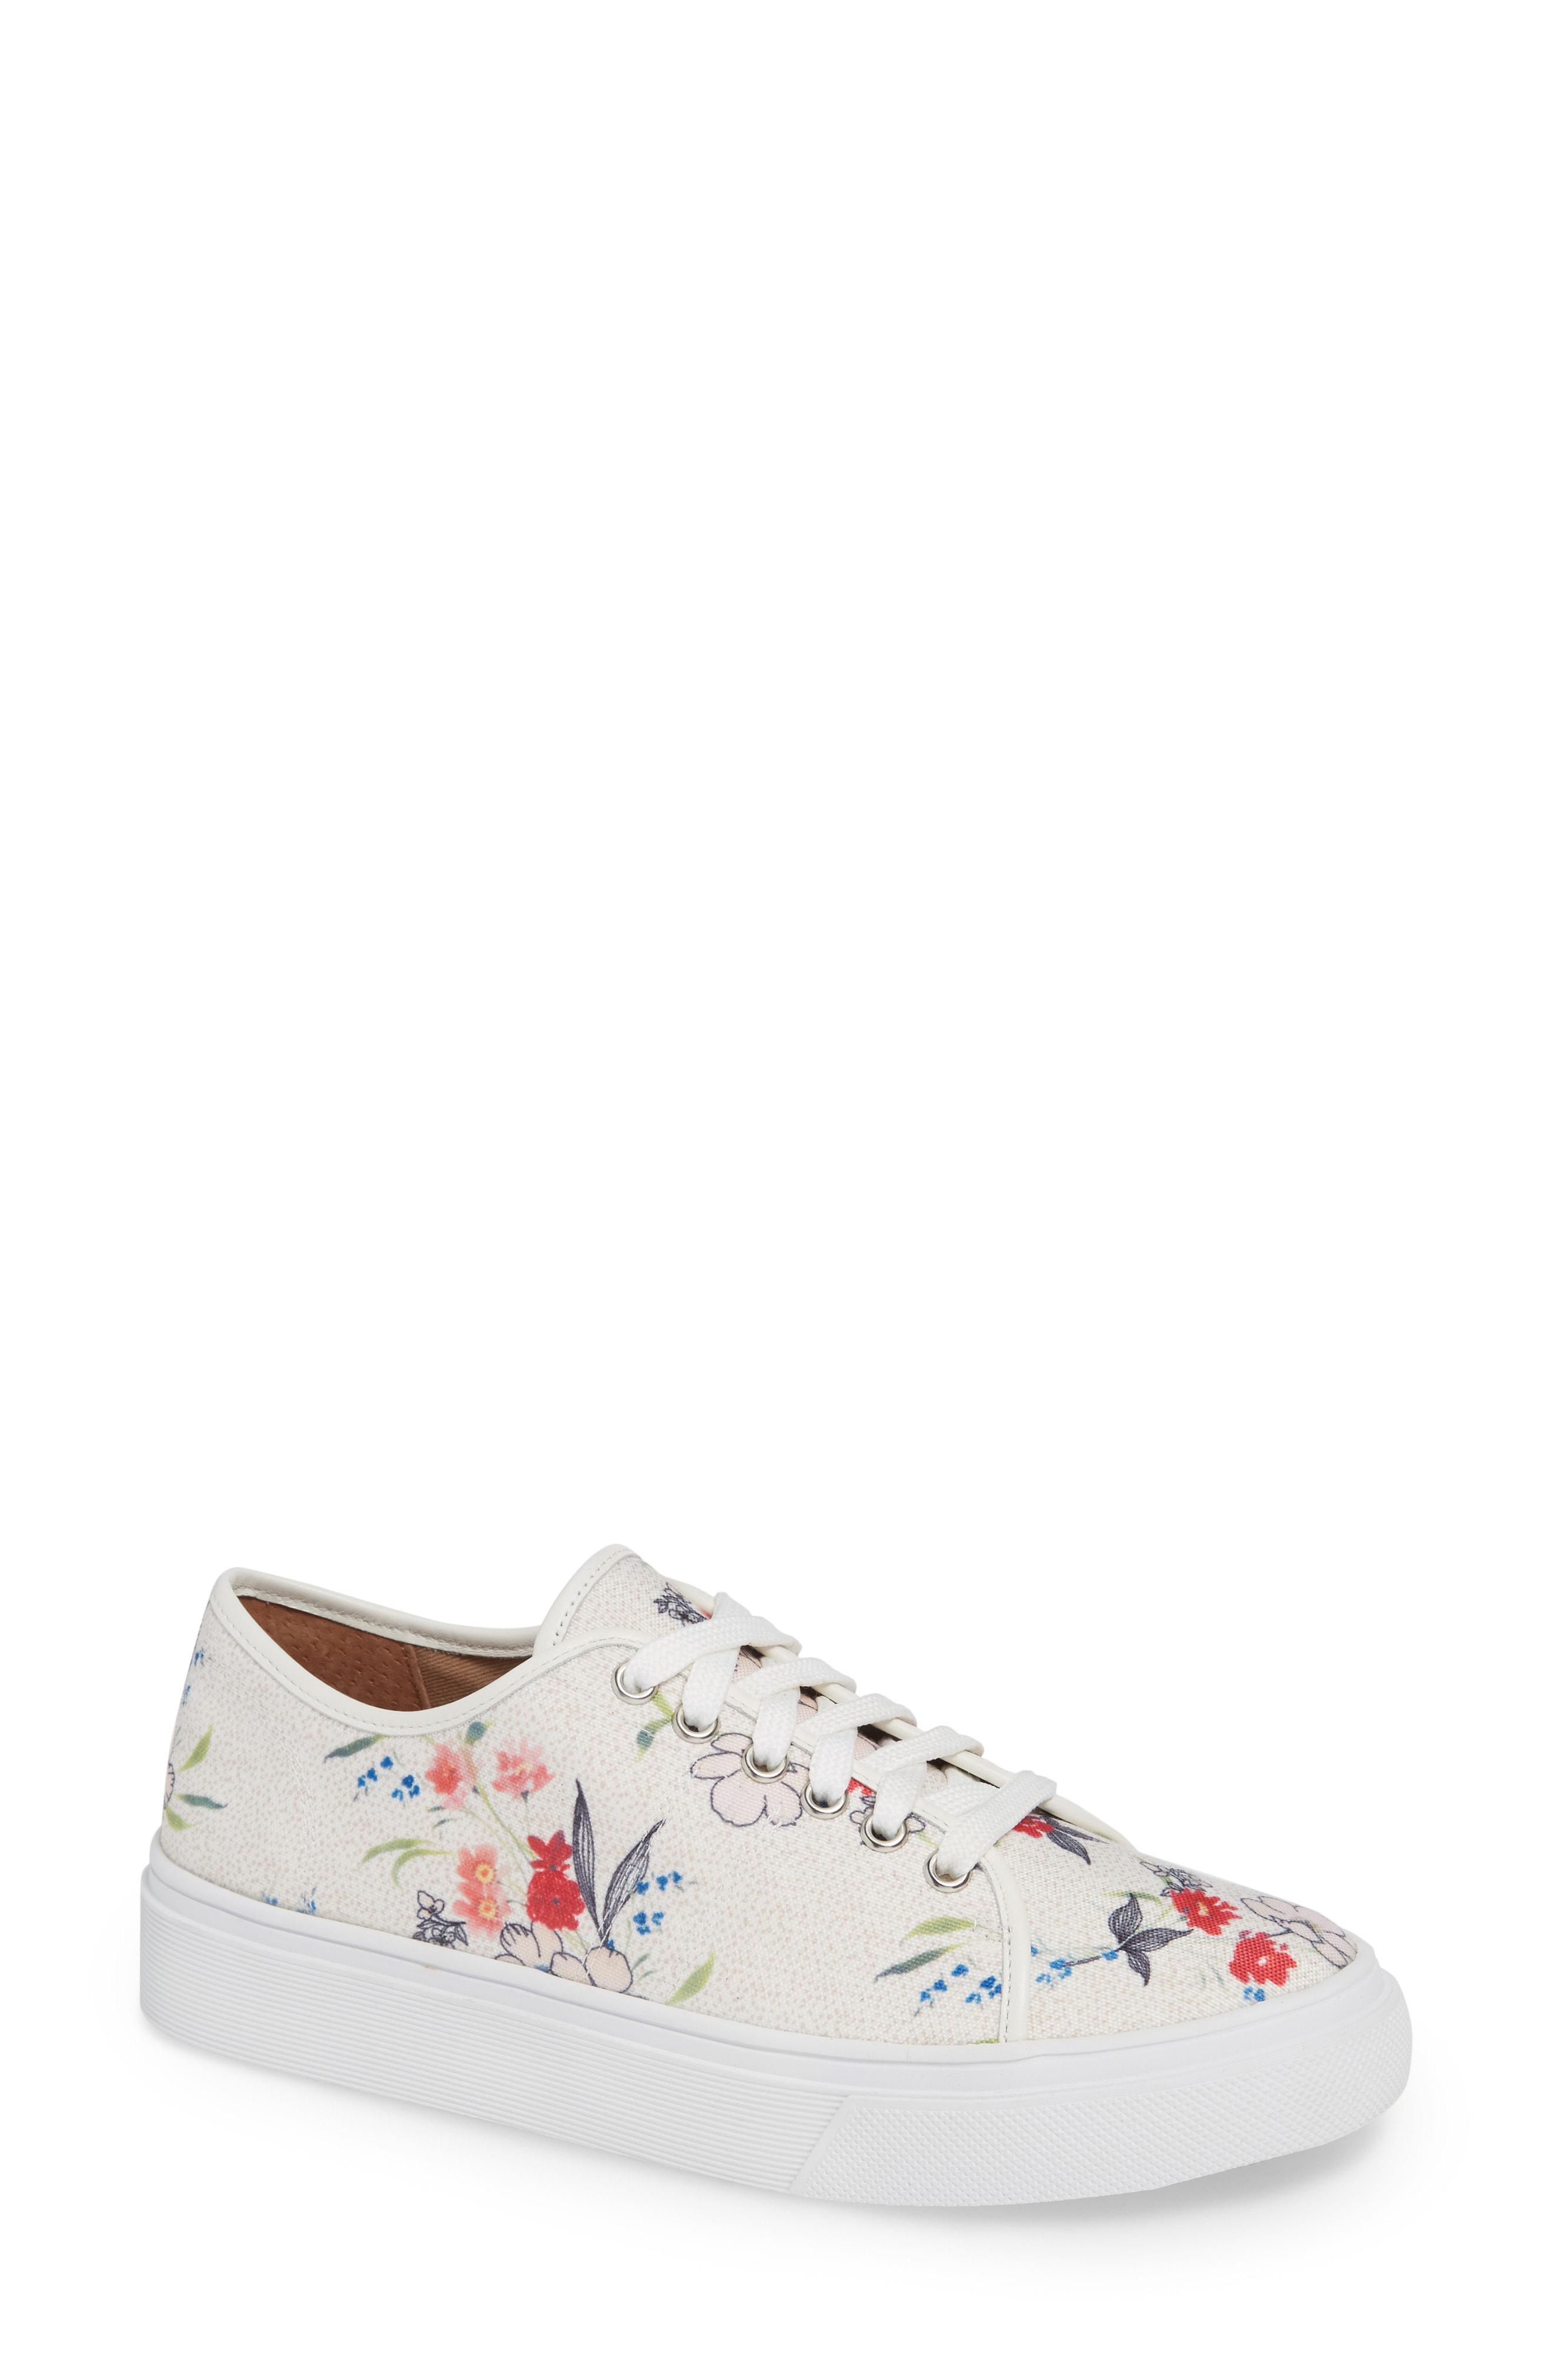 fd7fd7b9e6c Lyst - Caslon Caslon Ethan Low-top Sneaker in White